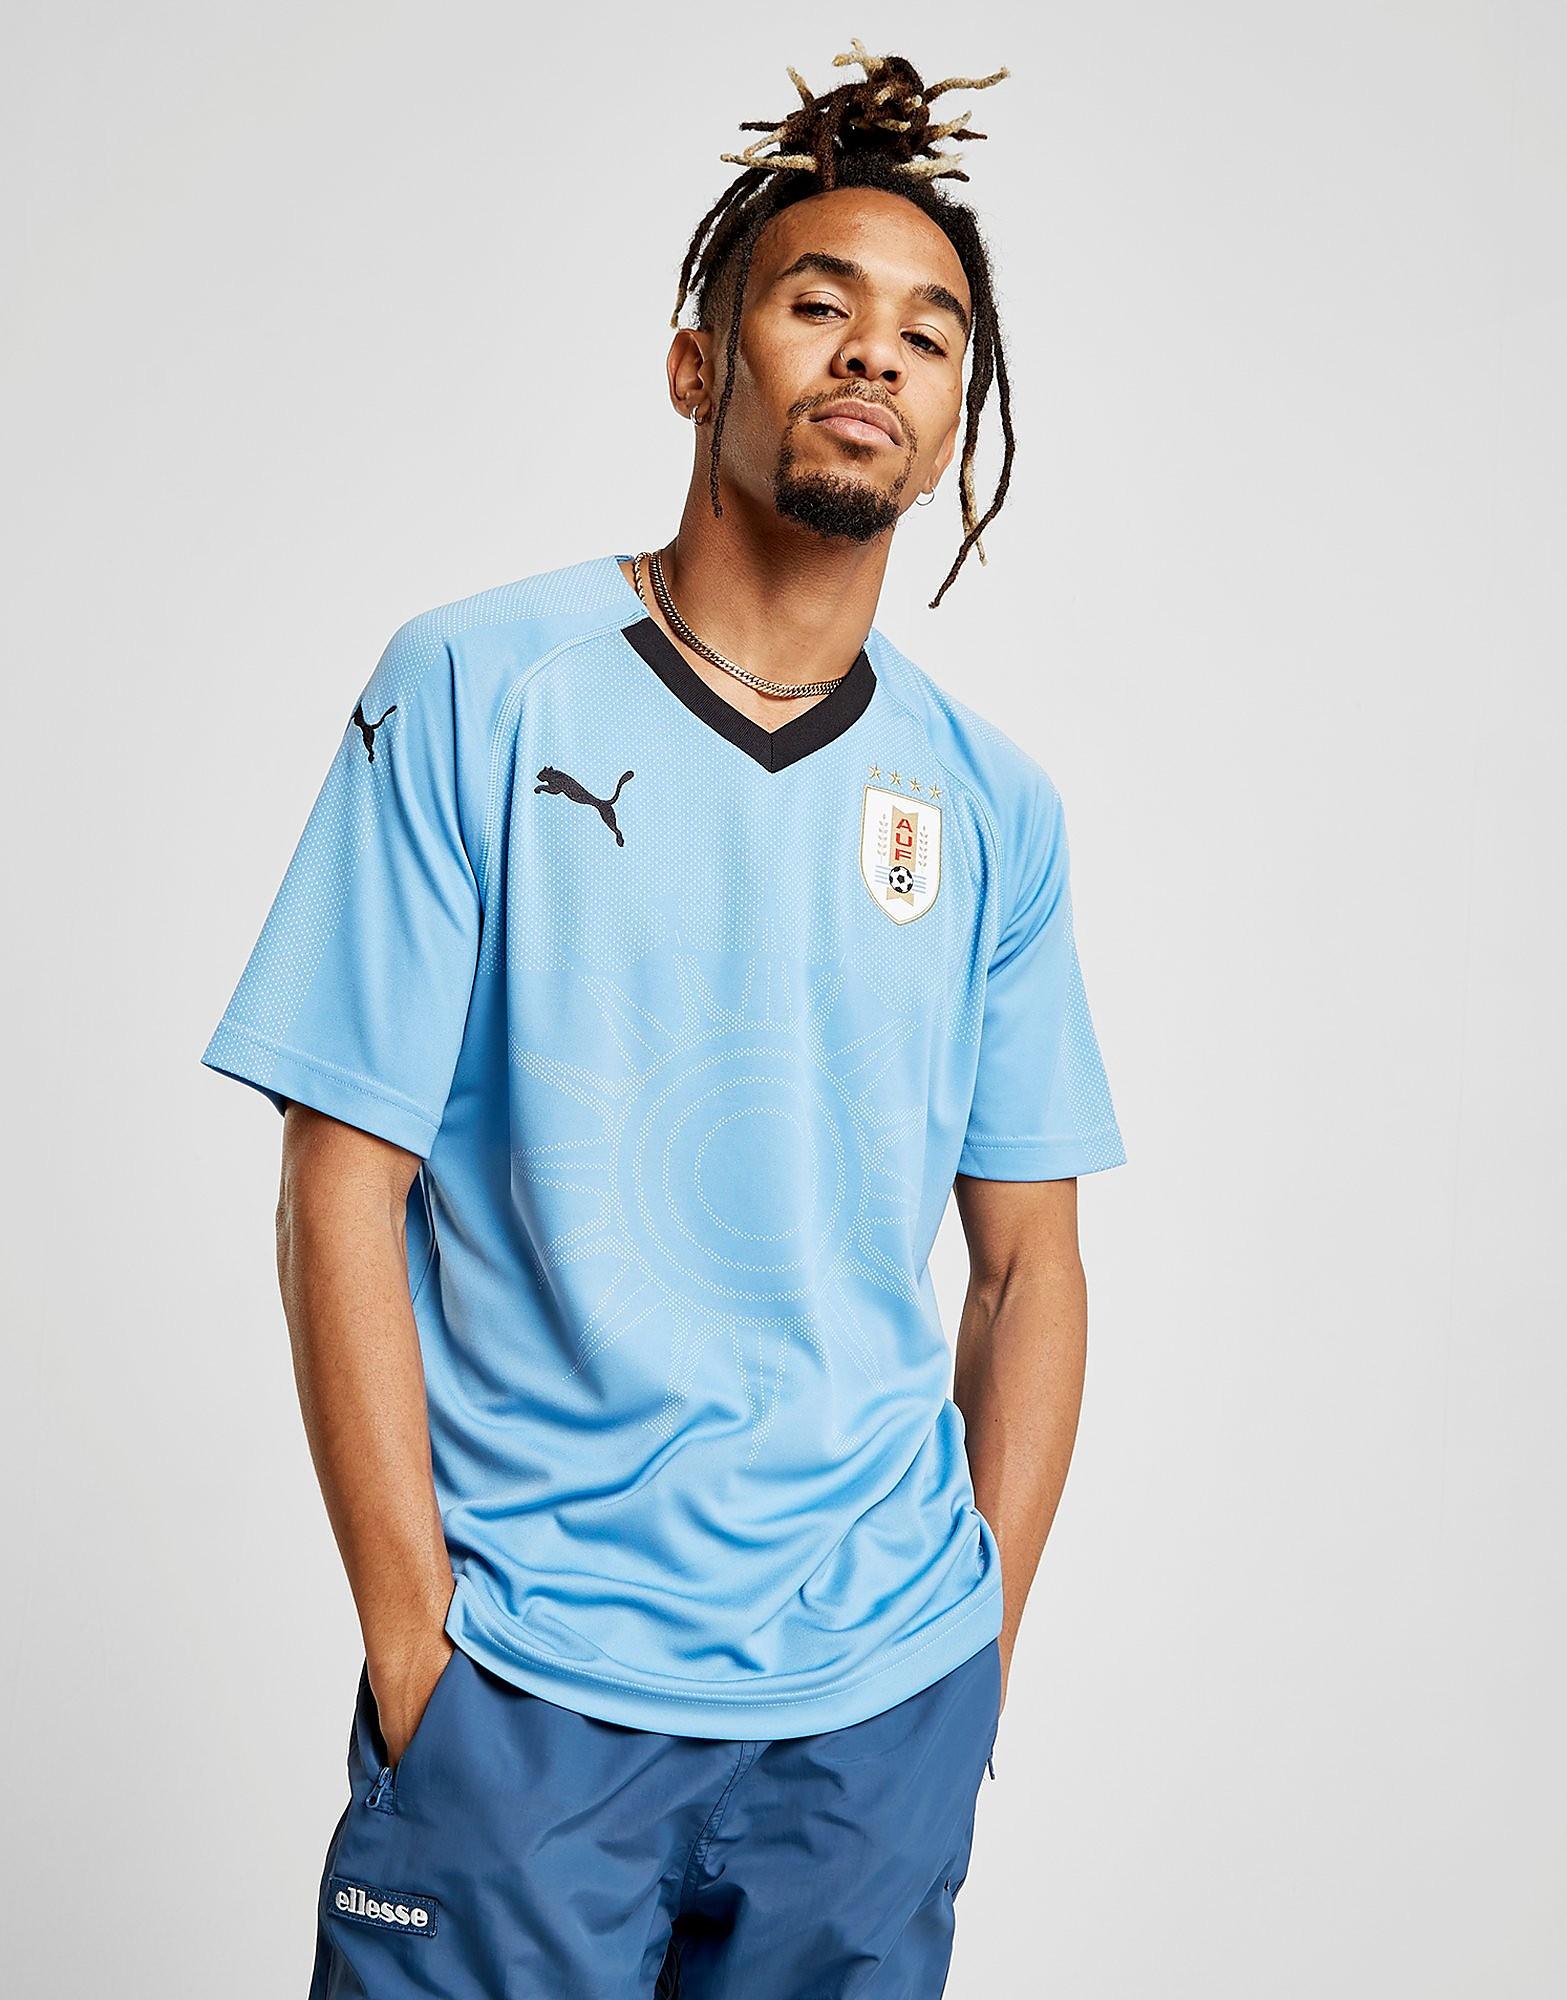 PUMA camiseta Uruguay 2018 1.ª equipación